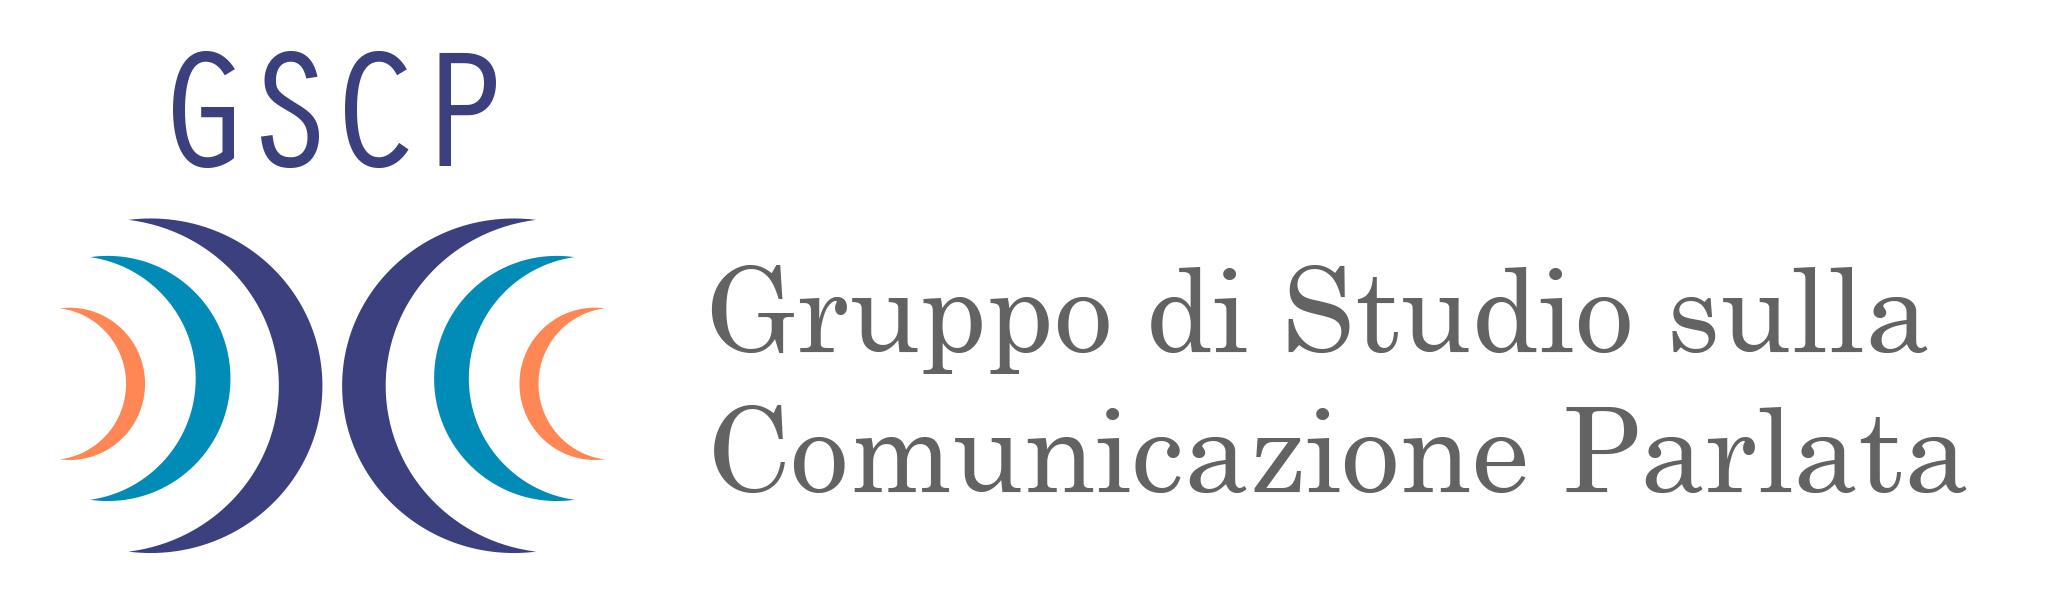 logo-GSCP-3